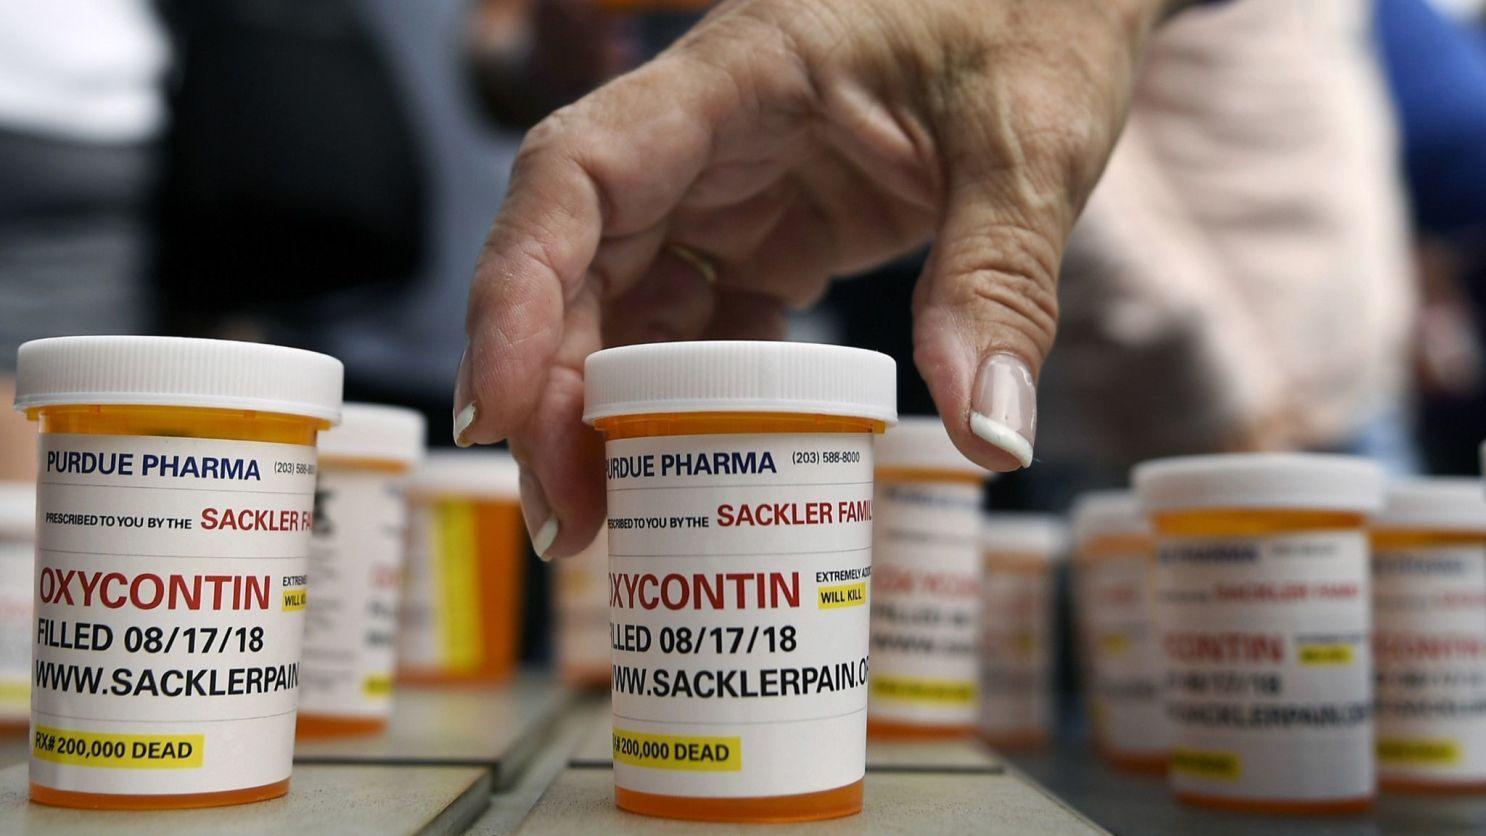 Complot farmacéutico que mató a más de 60.000 personas será tema central de nueva serie de Netflix